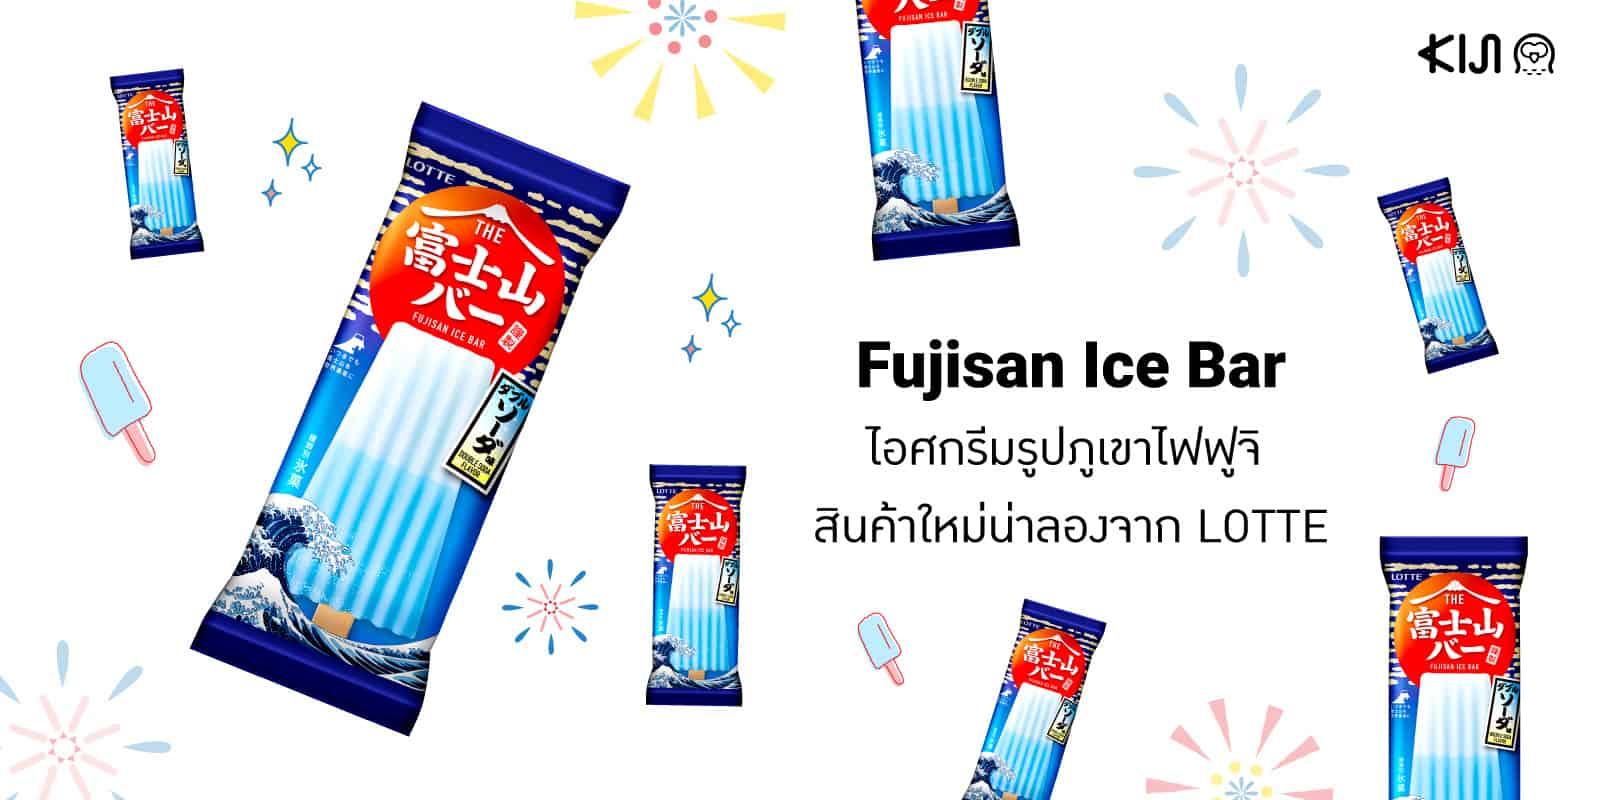 Fujisan Ice Bar ไอศกรีมรูปภูเขาไฟฟูจิ